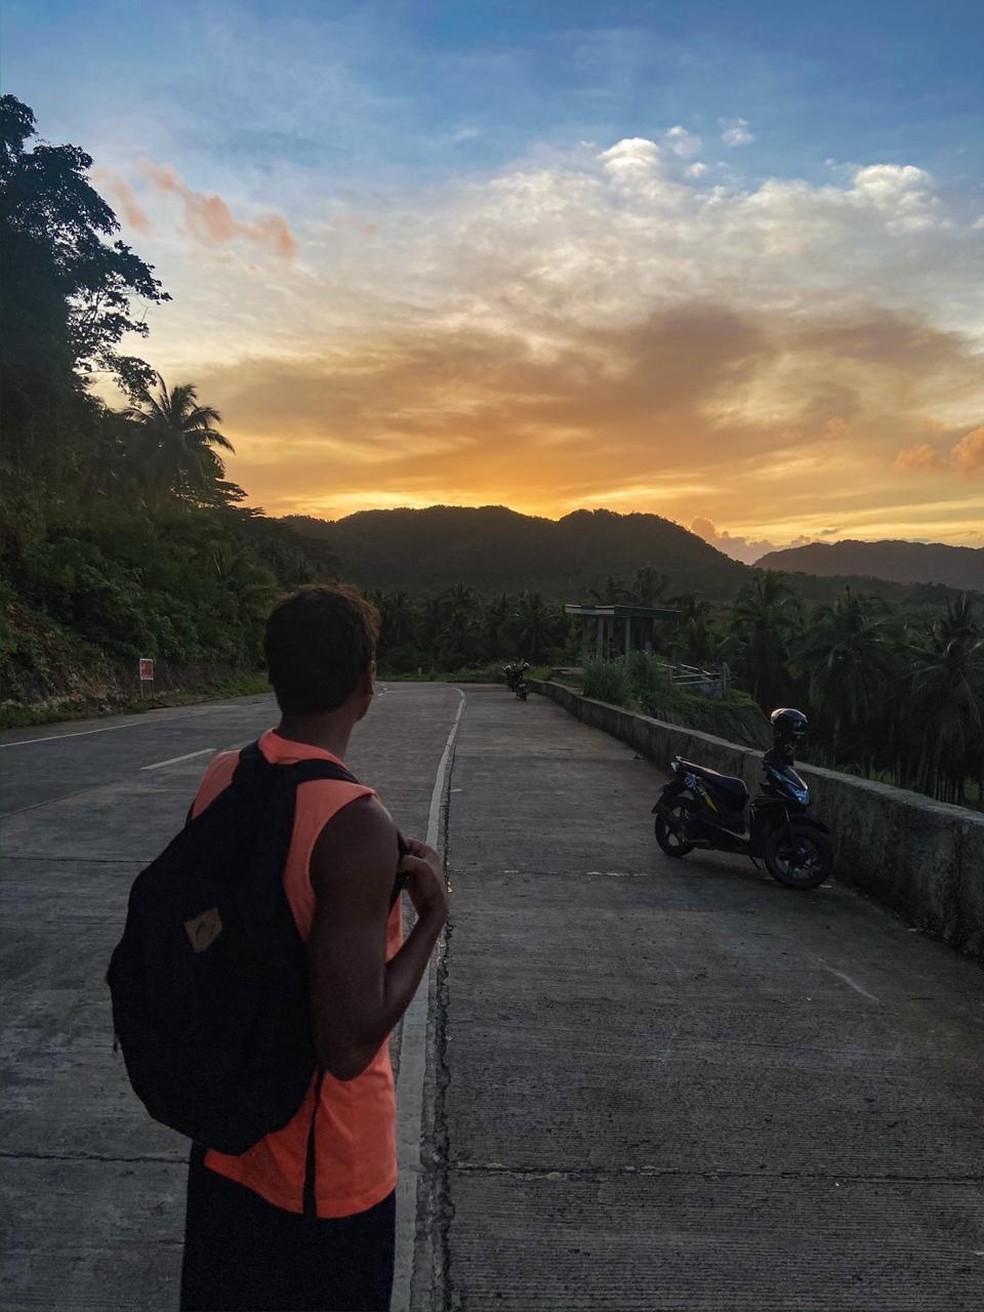 Brasileiro se diz preocupado com ordem do presidente Rodrigo Duterte para atirar em quem desrespeitar regras de isolamento nas Filipinas — Foto: Arquivo pessoal